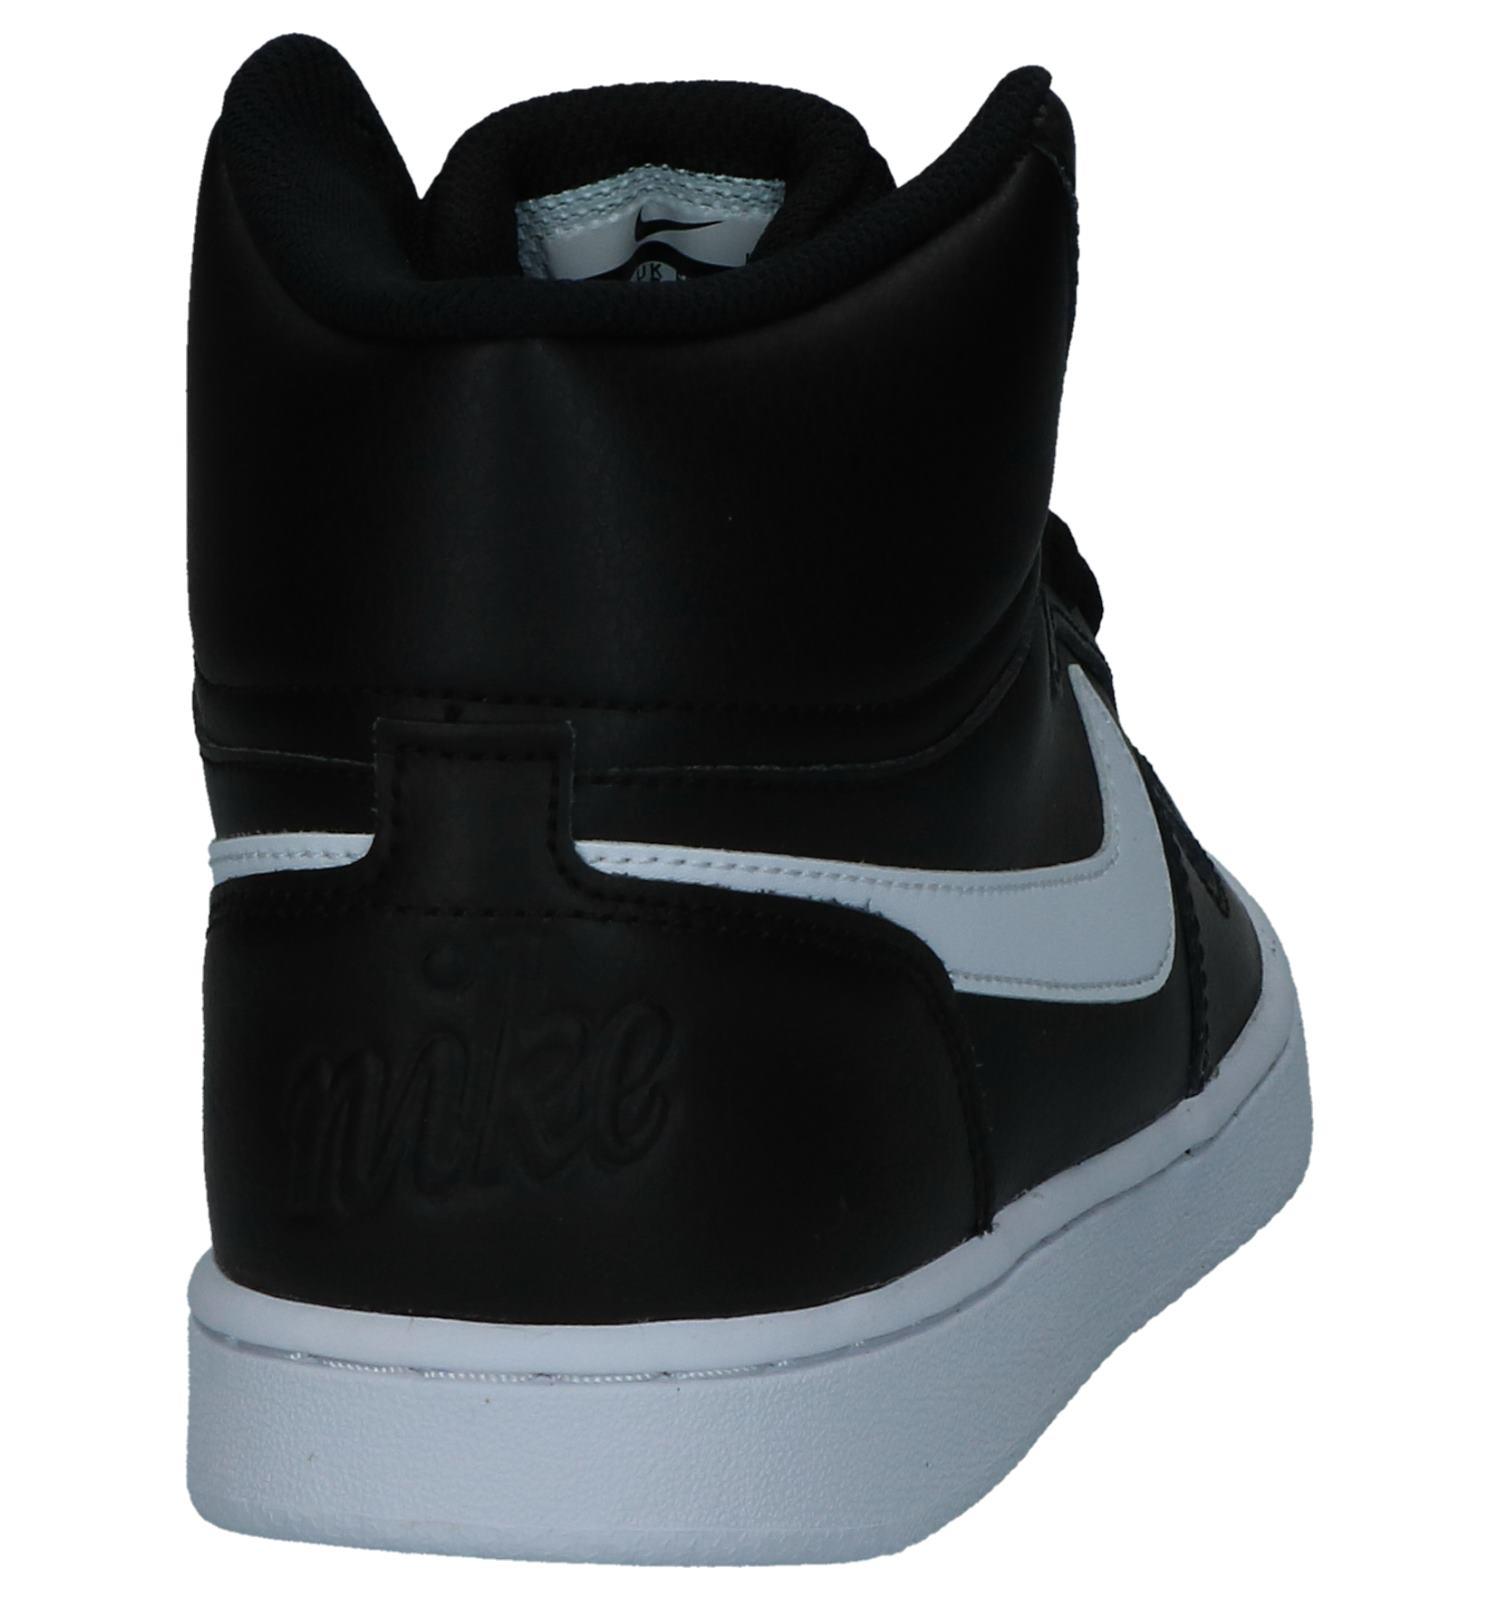 lowest price e966b 3c98d Zwarte Lederen Hoge Sneakers Nike Ebernon Mid  TORFS.BE  Gratis verzend  en retour